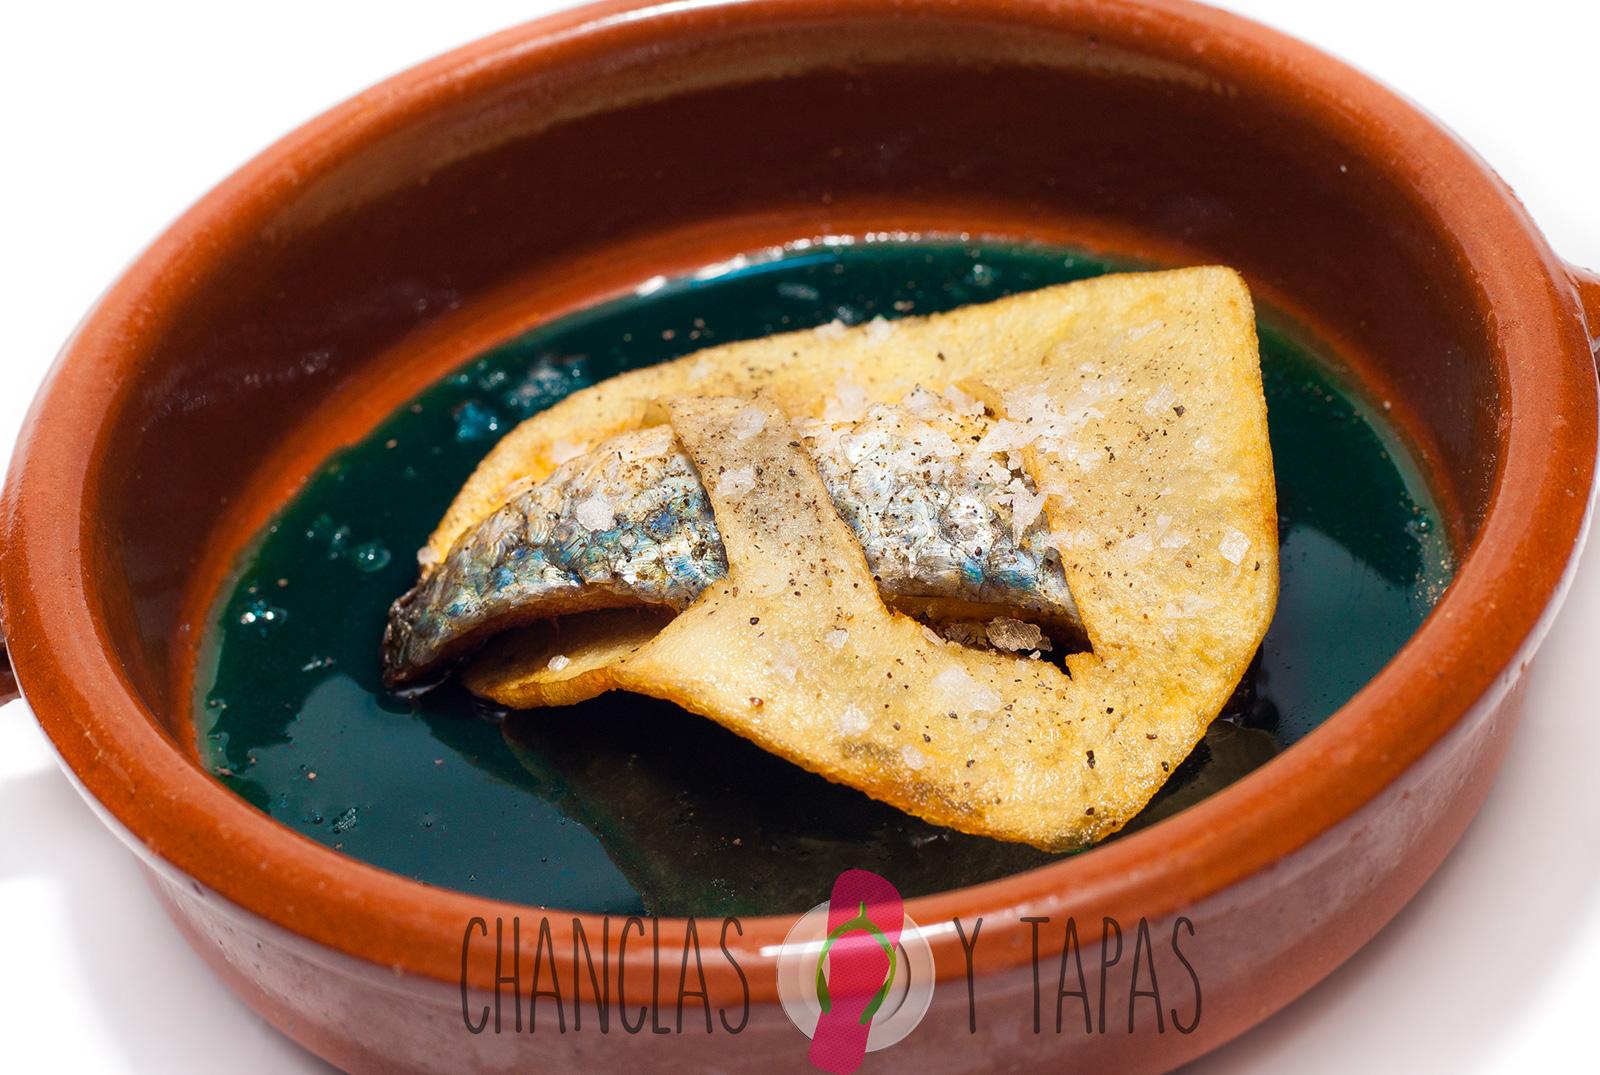 Casa-kiko-chip-de-sardina-en-el-mediterraneo